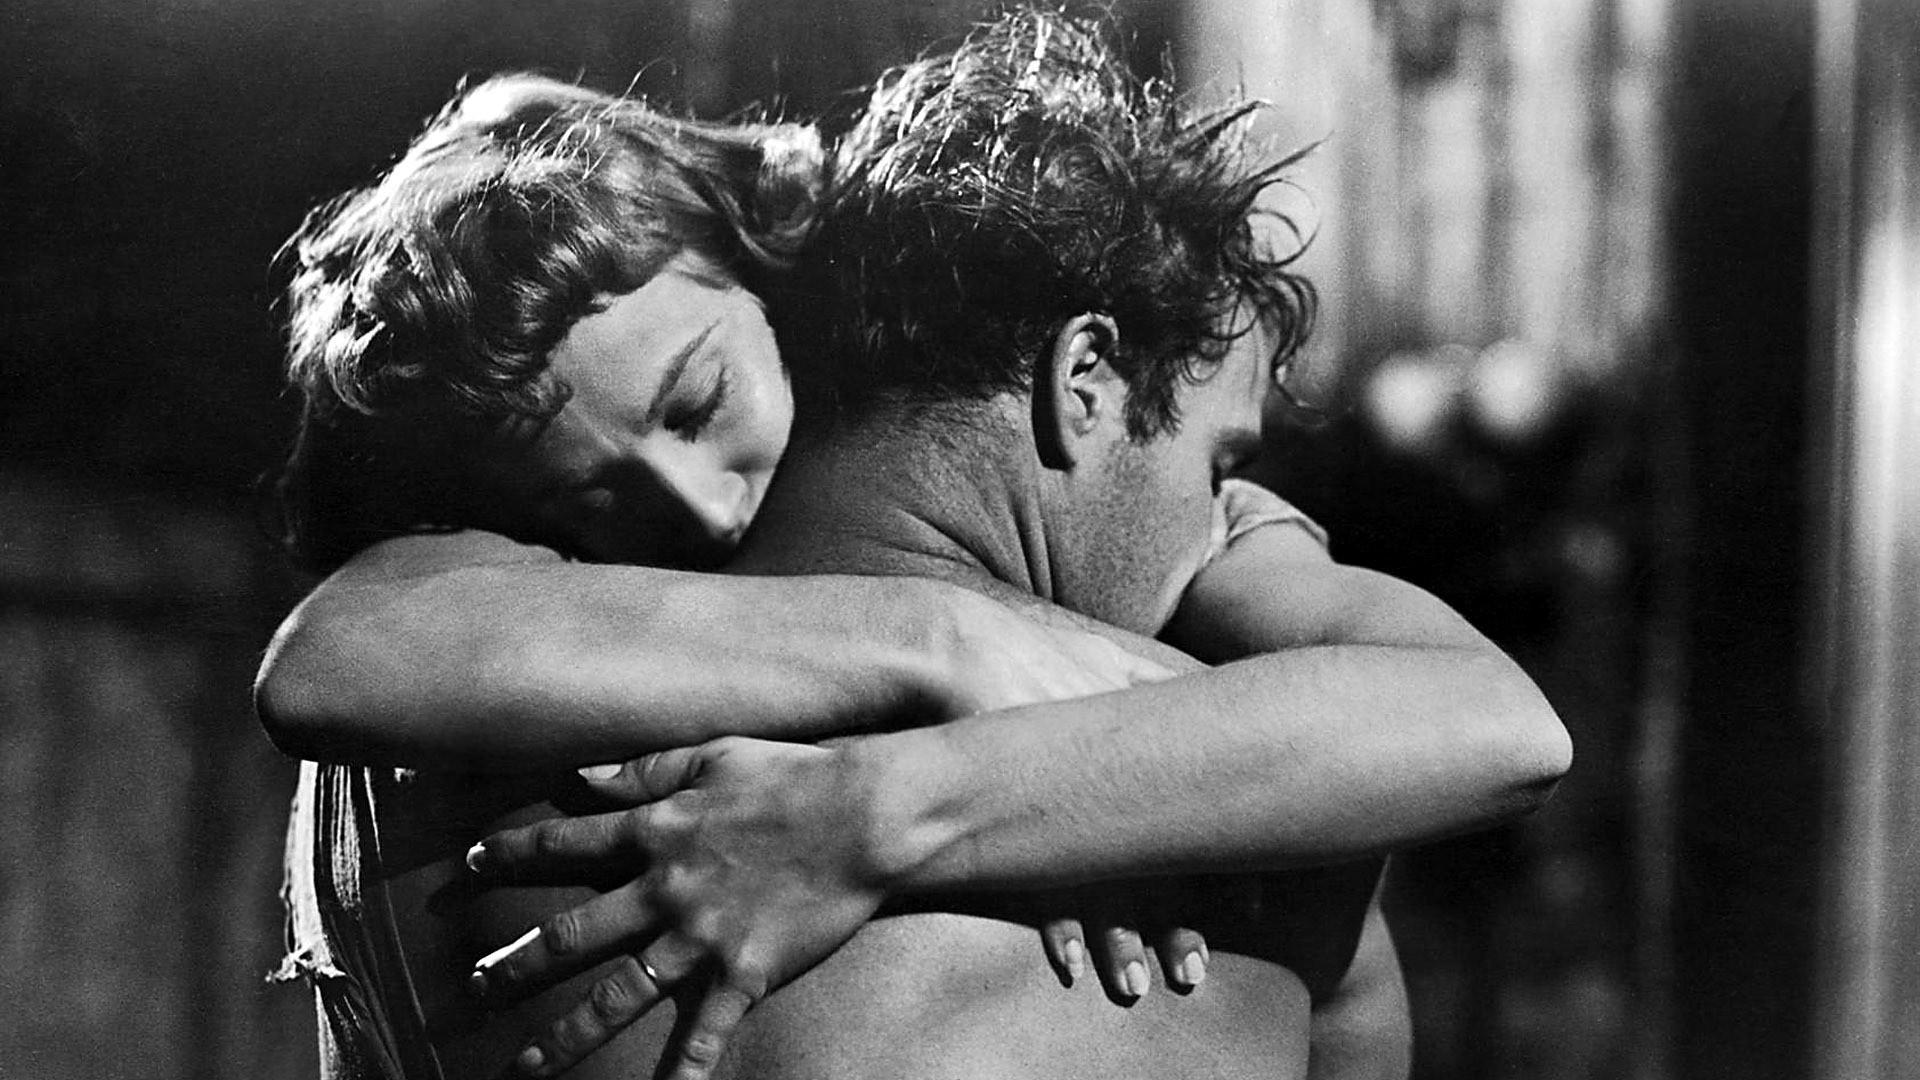 2.Marlon Brando